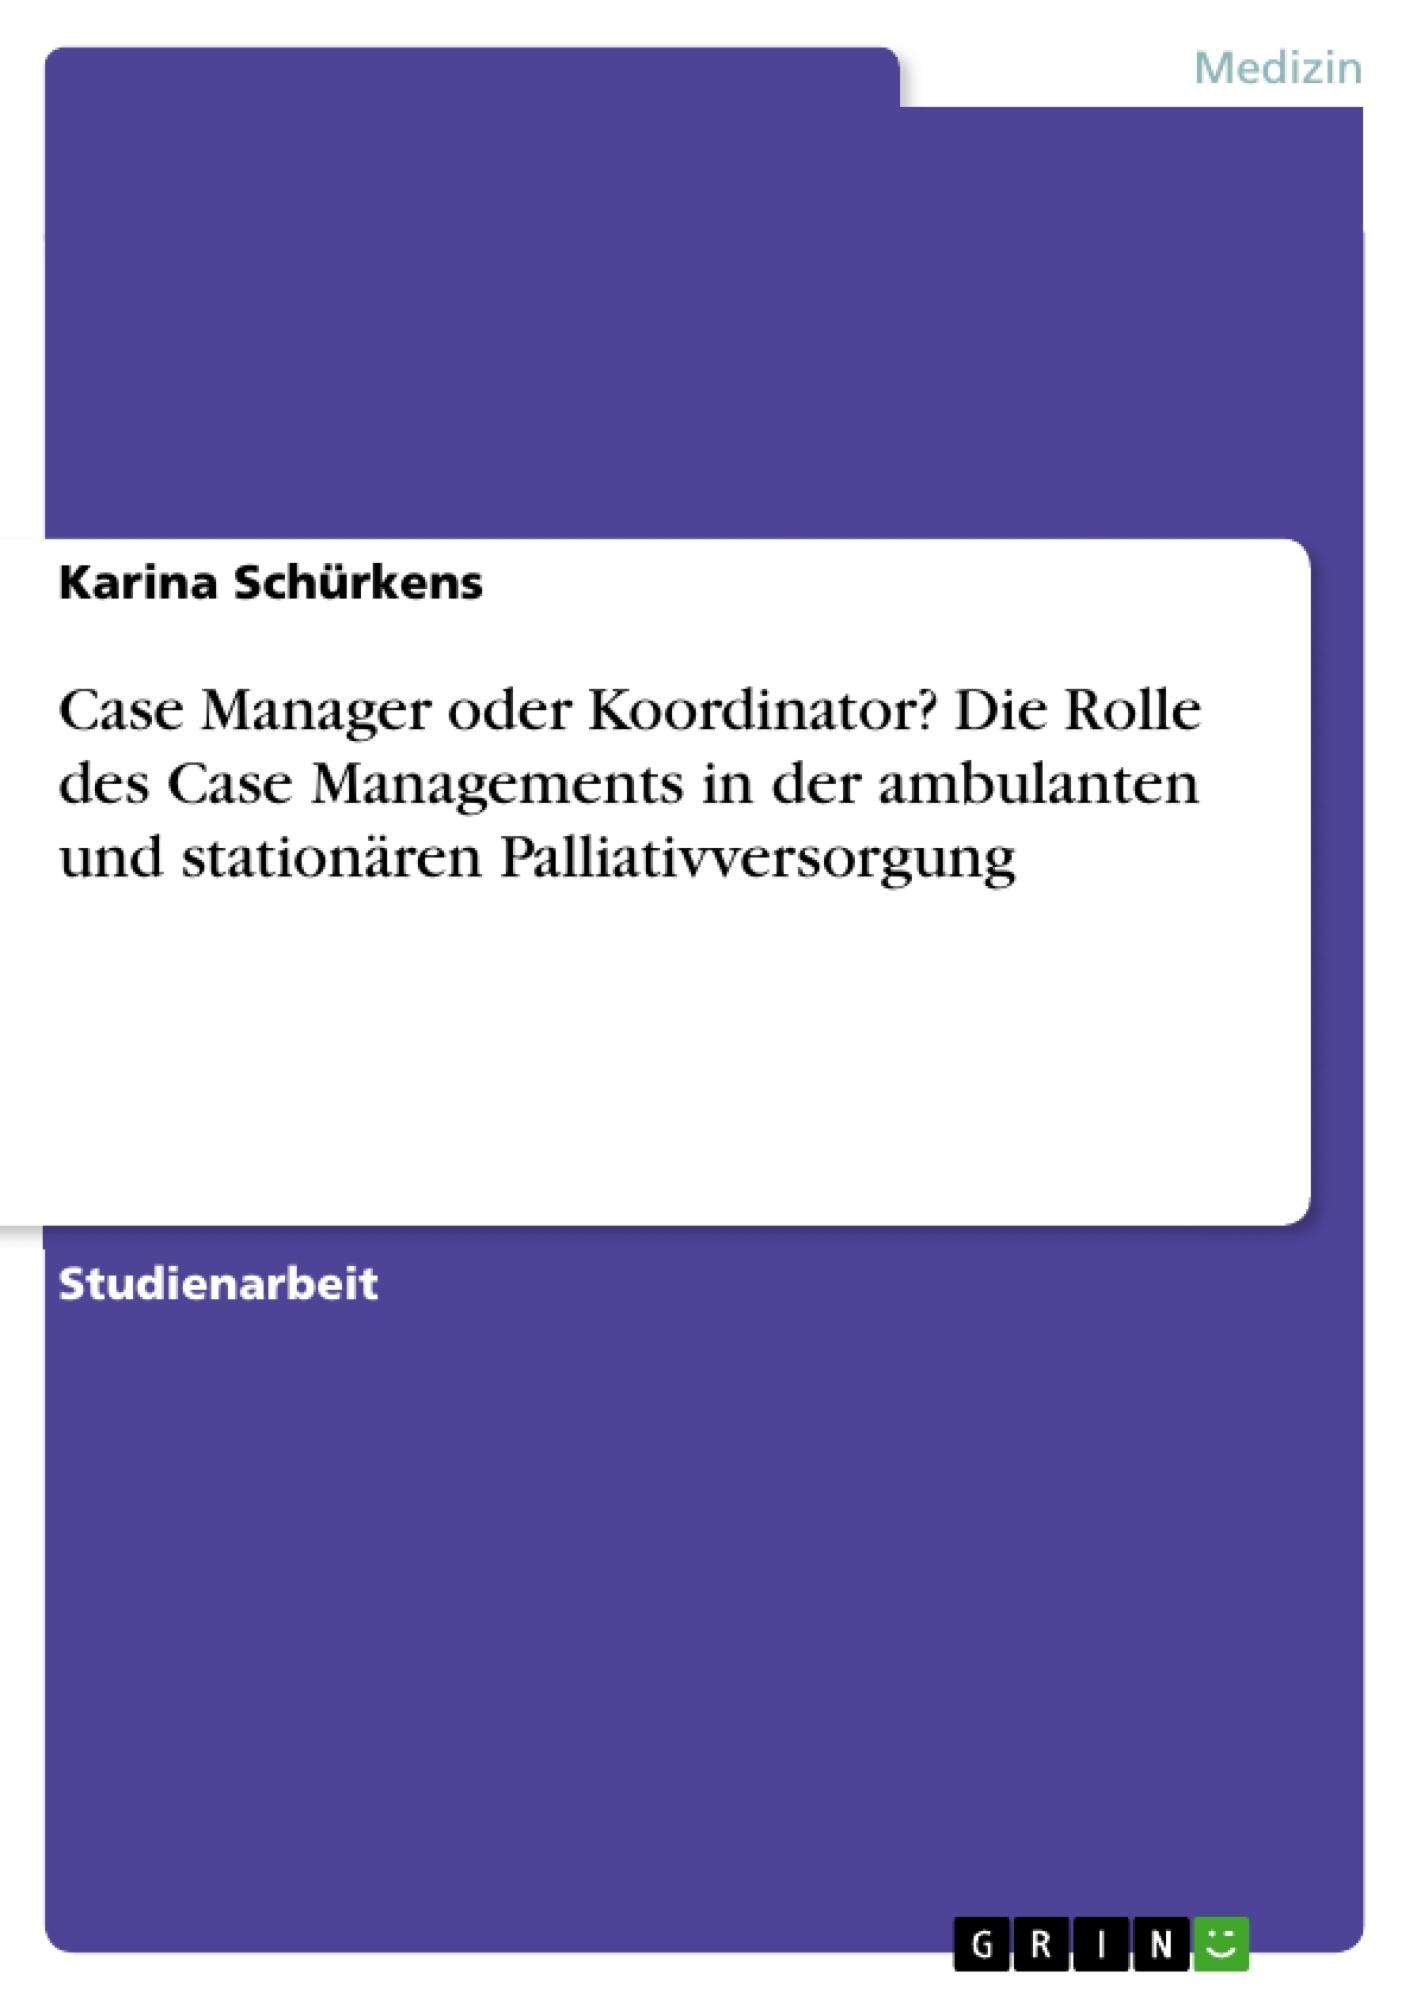 Titel: Case Manager oder Koordinator? Die Rolle des Case Managements in der ambulanten und stationären Palliativversorgung